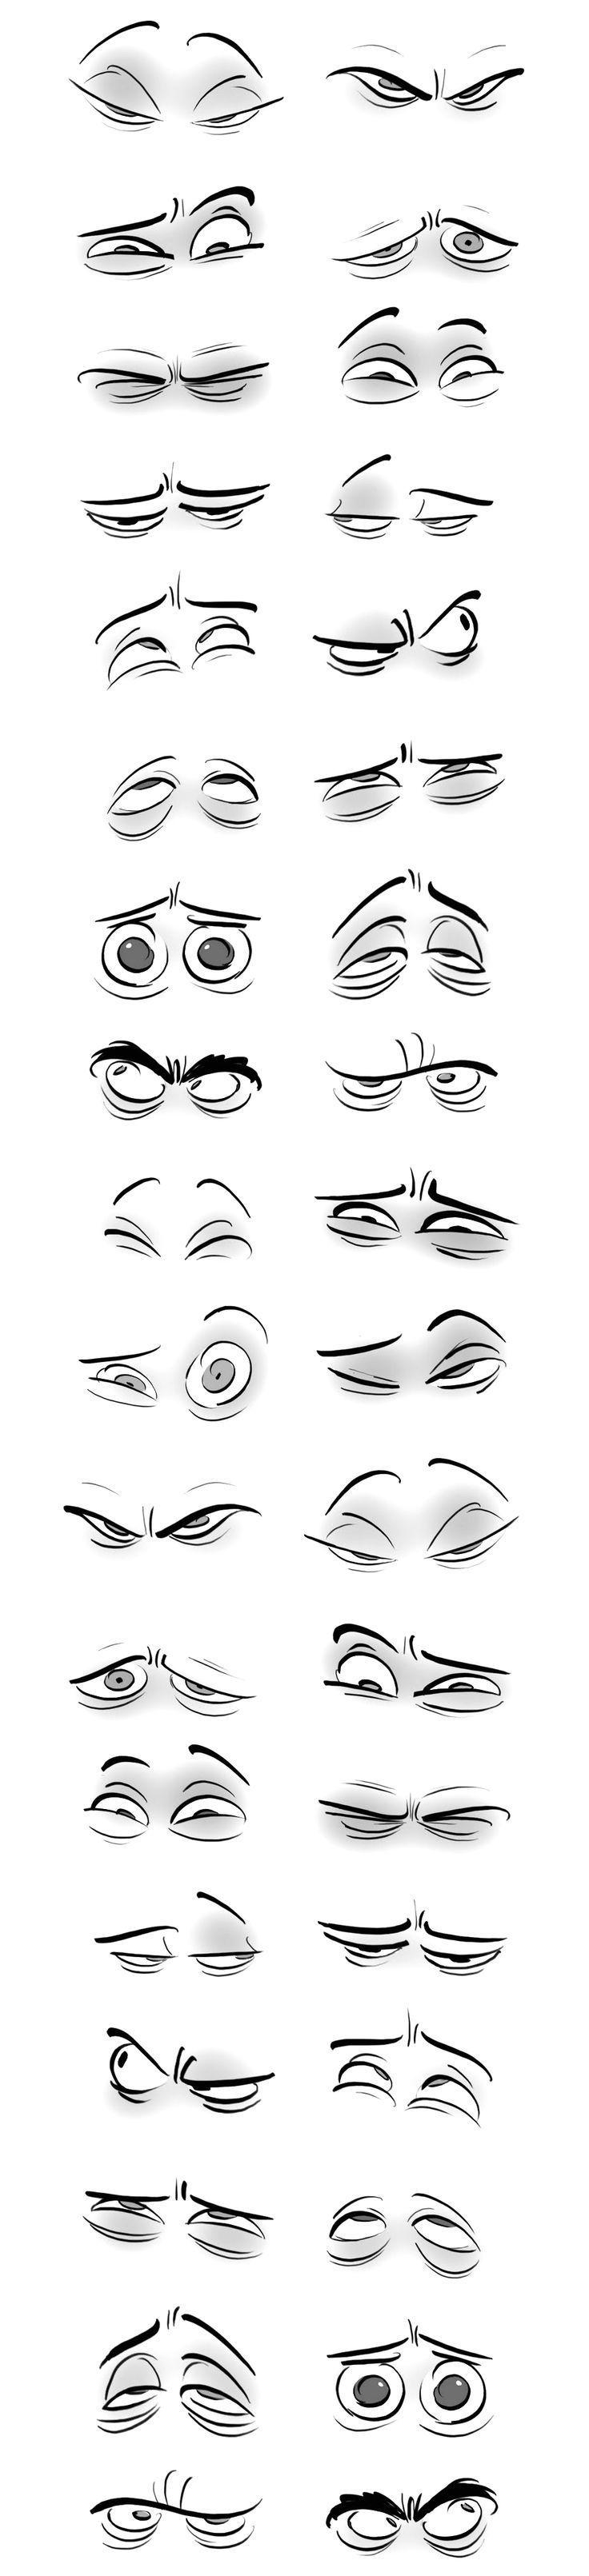 """""""Ich habe nur Augen für dich"""" Zeichnen Übung A … – #Augen #cartoon #dichquot #für #habe #nur #quotIch #Übung #zeichnen"""